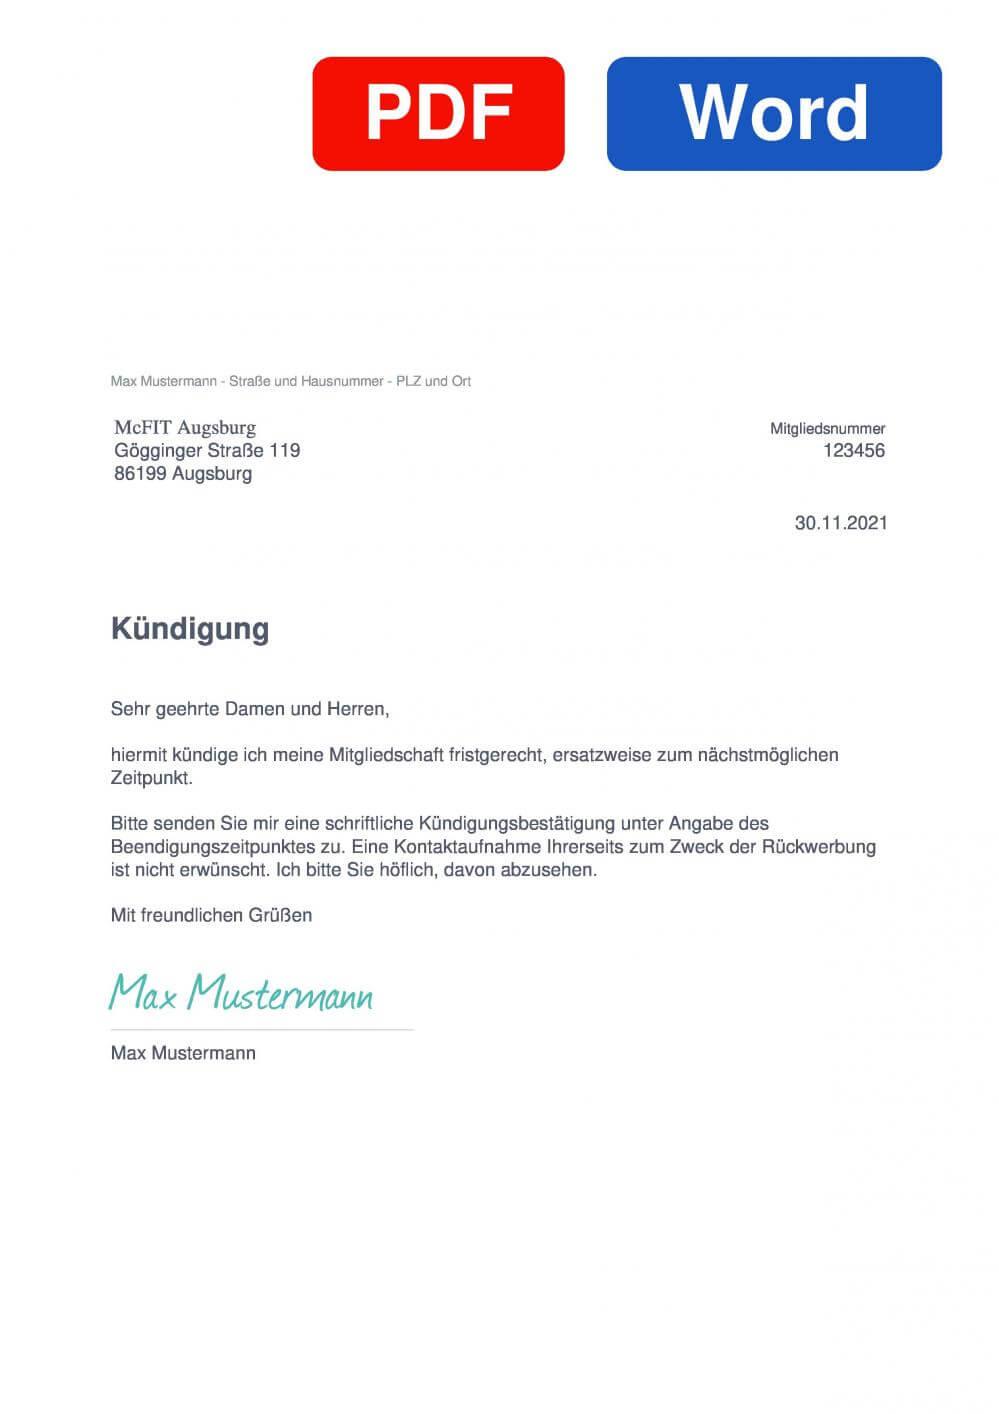 McFIT Augsburg Langenmantelstraße Muster Vorlage für Kündigungsschreiben